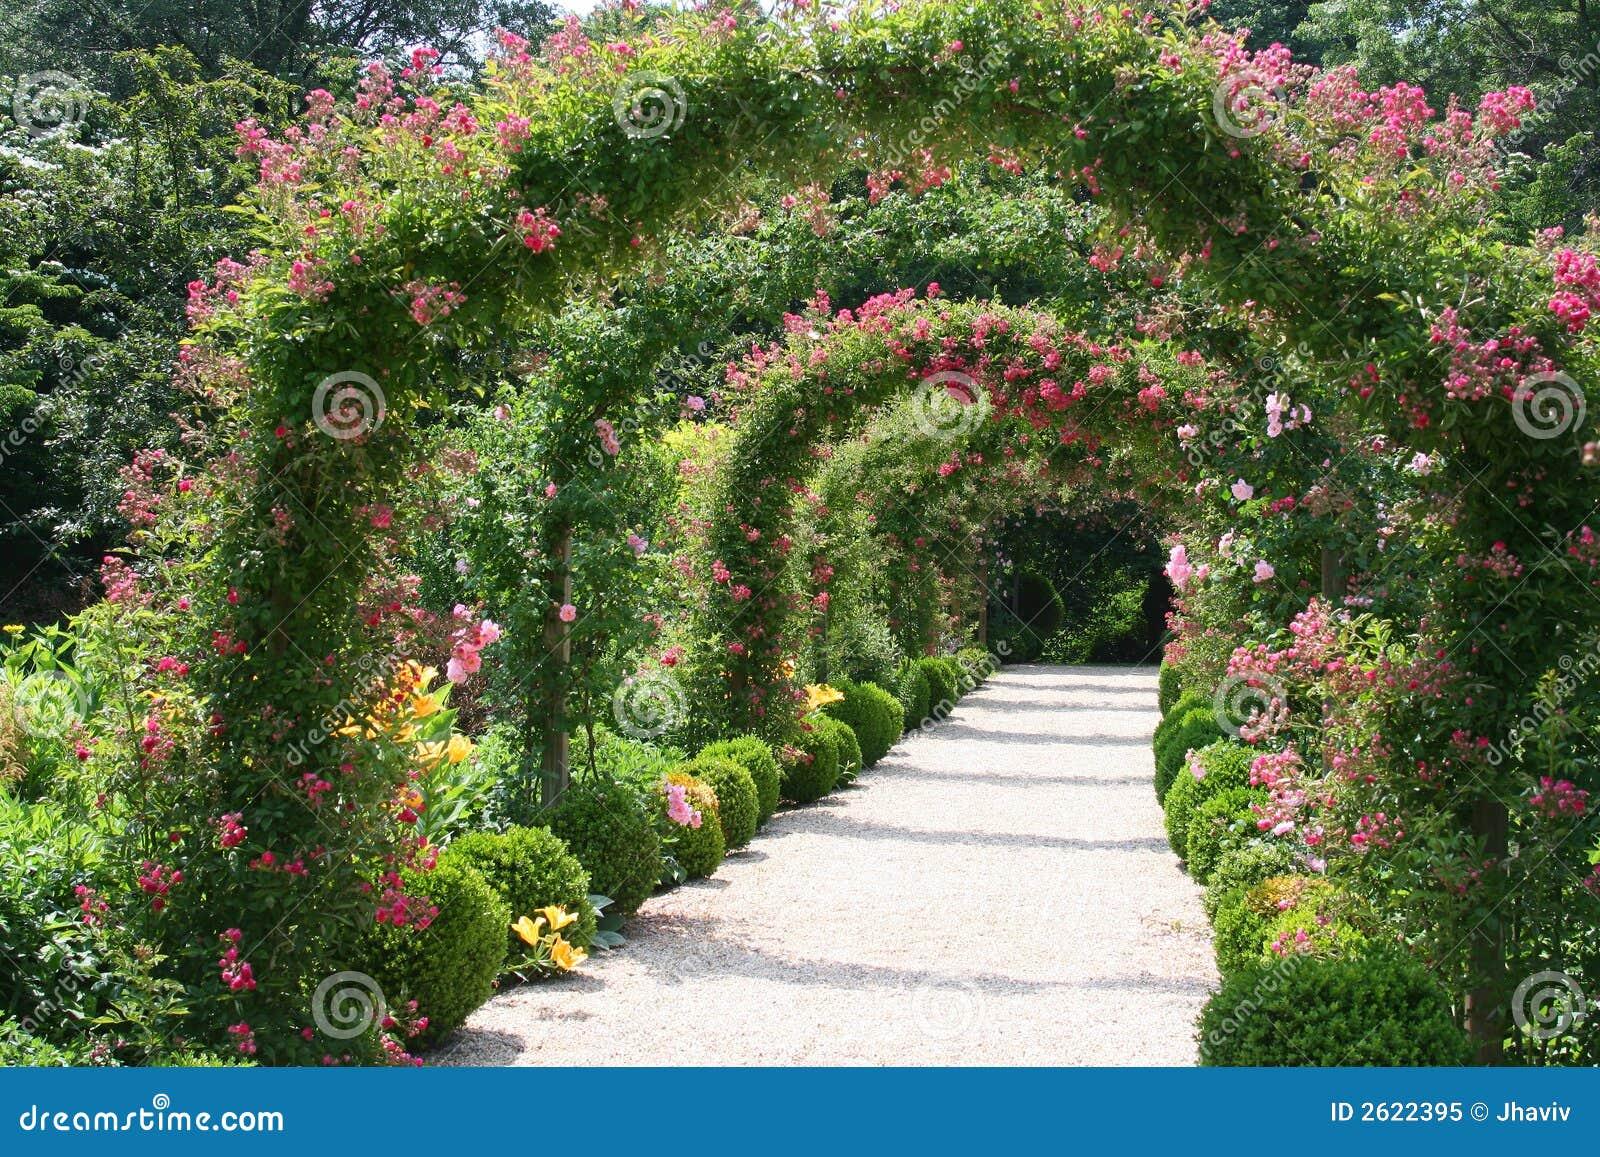 flores de jardim rosas:Rose Garden Landscape